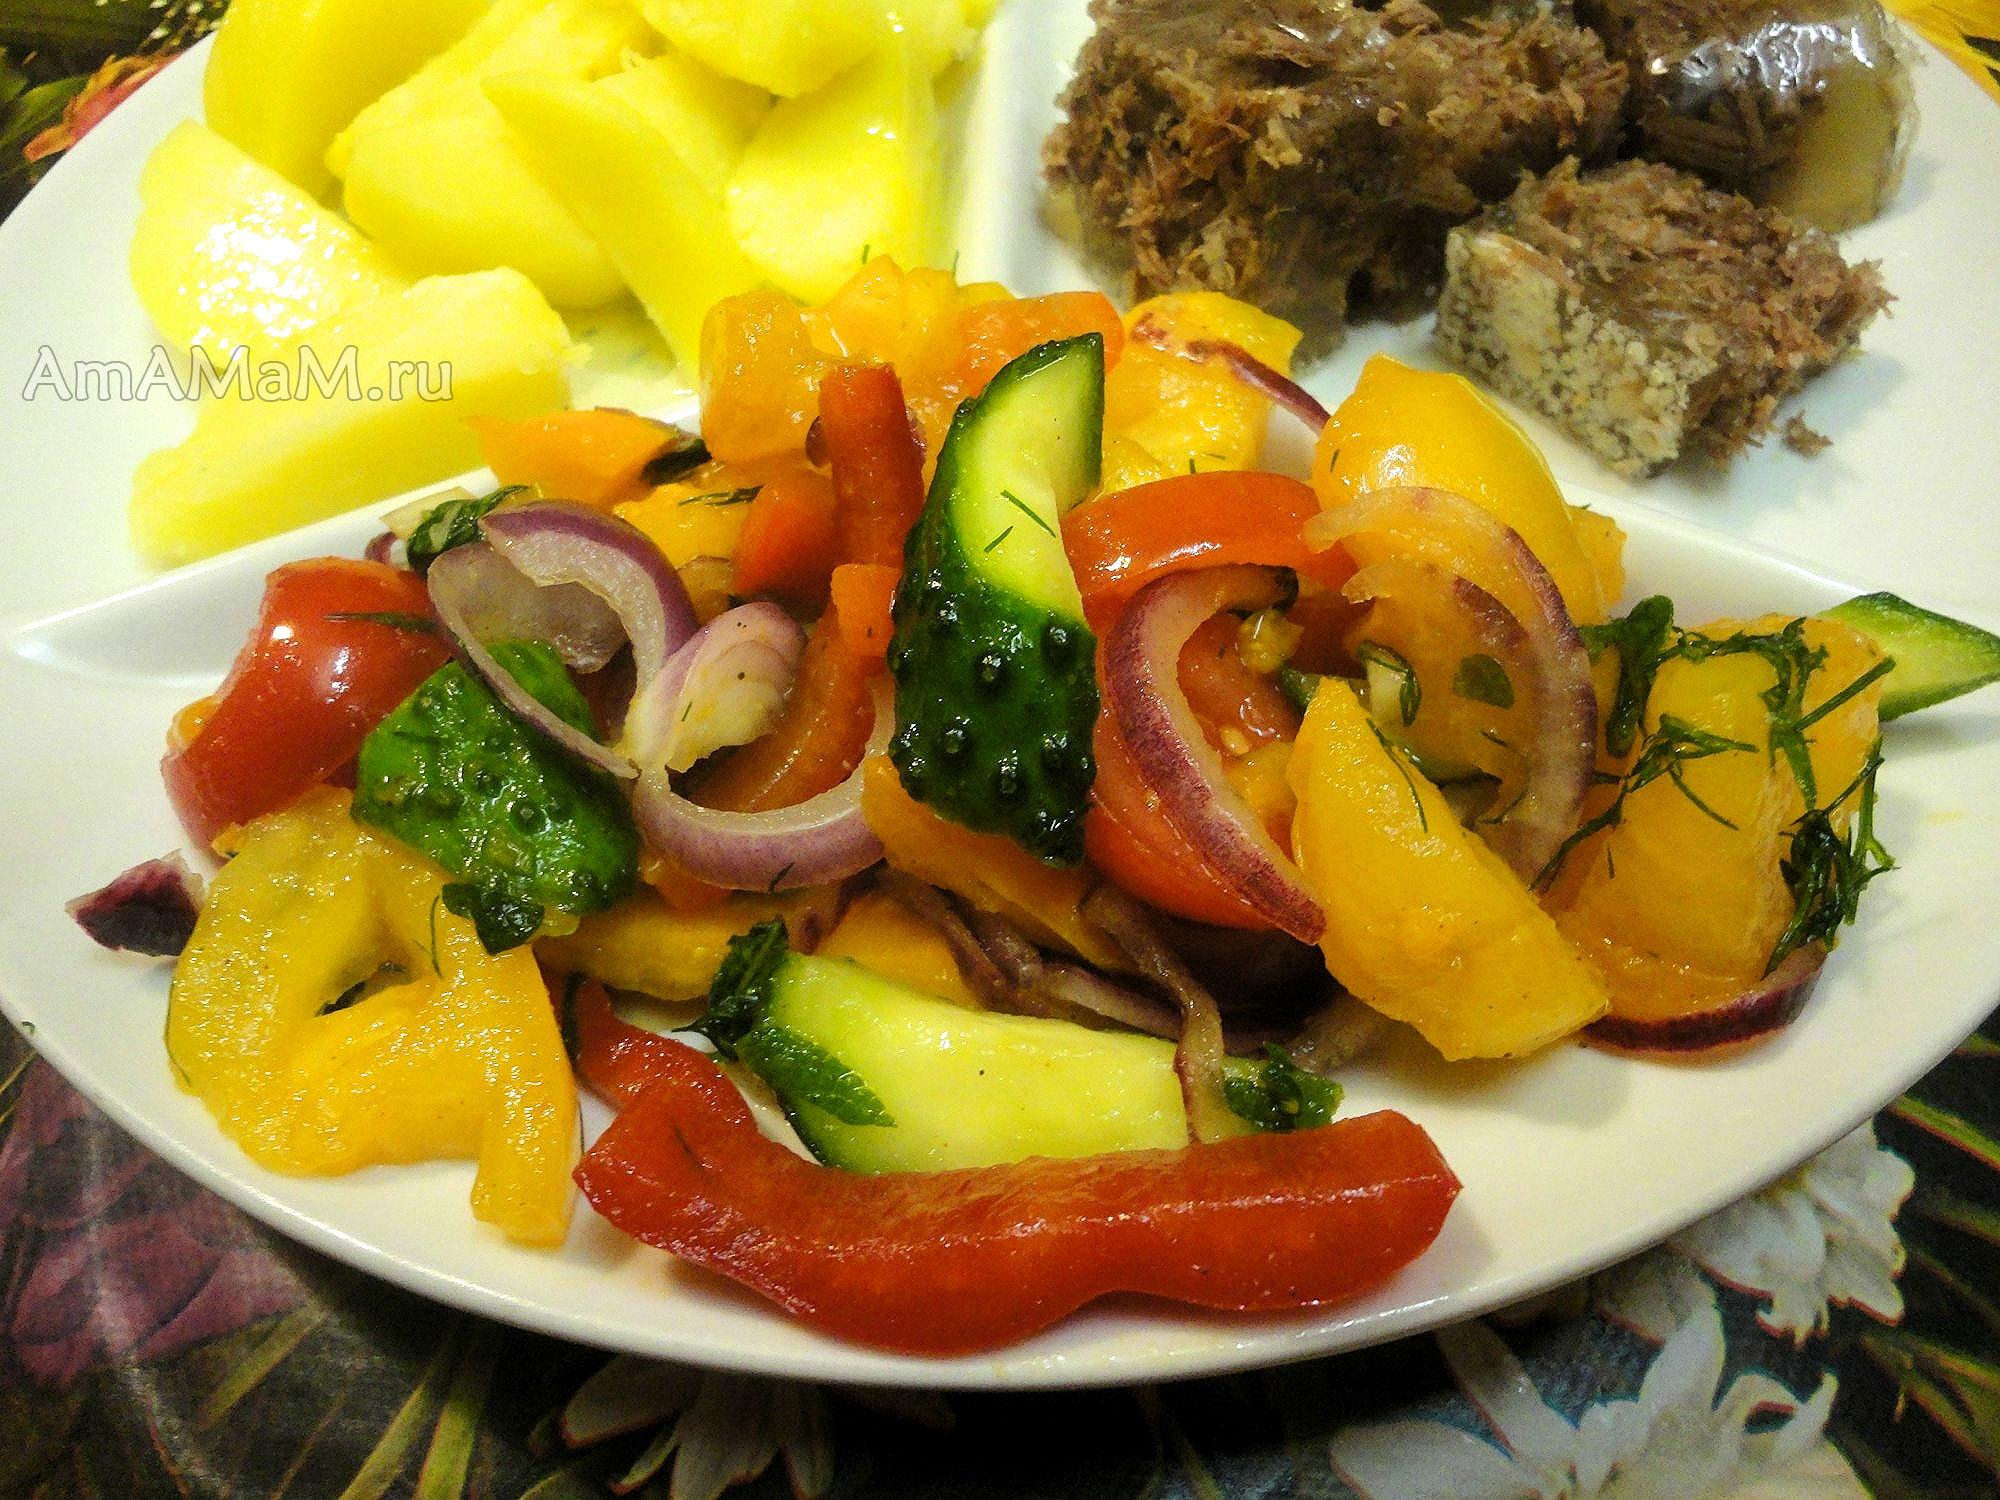 рецепты салатов из консервов на скорую руку